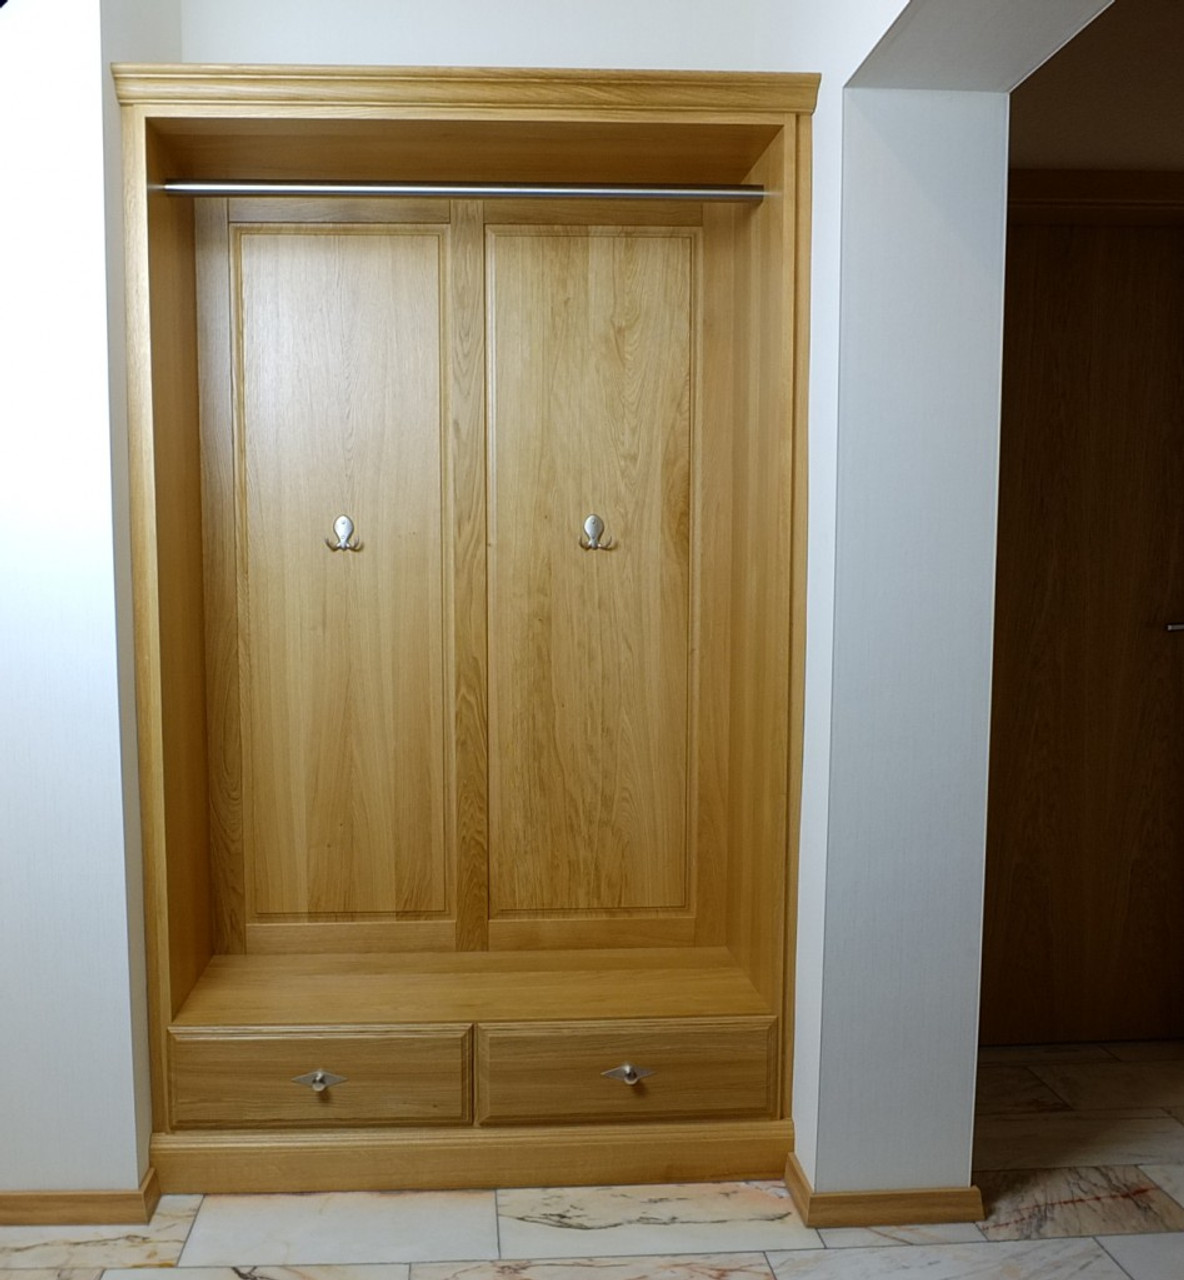 einbau garderobe f r nische eiche buche oder kirschbaum massiv modell einbaugarderobe. Black Bedroom Furniture Sets. Home Design Ideas